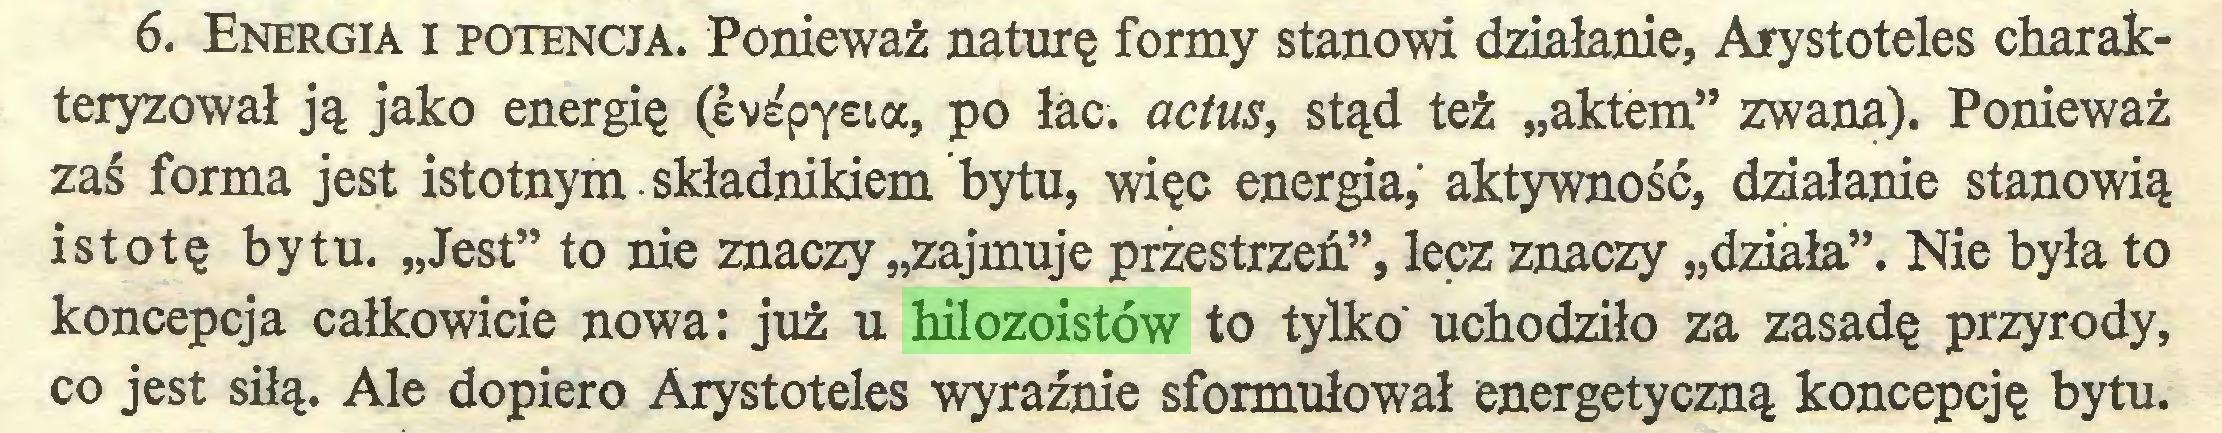 """(...) 6. Energia i potencja. Ponieważ naturę formy stanowi działanie, Arystoteles charakteryzował ją jako energię (eve'pyeia, po łac. actus, stąd też """"aktem"""" zwana). Ponieważ zaś forma jest istotnym składnikiem bytu, więc energia, aktywność, działanie stanowią istotę bytu. """"Jest"""" to nie znaczy """"zajmuje przestrzeń"""", lecz znaczy """"działa"""". Nie była to koncepcja całkowicie nowa: już u hilozoistów to tylko' uchodziło za zasadę przyrody, co jest siłą. Ale dopiero Arystoteles wyraźnie sformułował energetyczną koncepcję bytu..."""